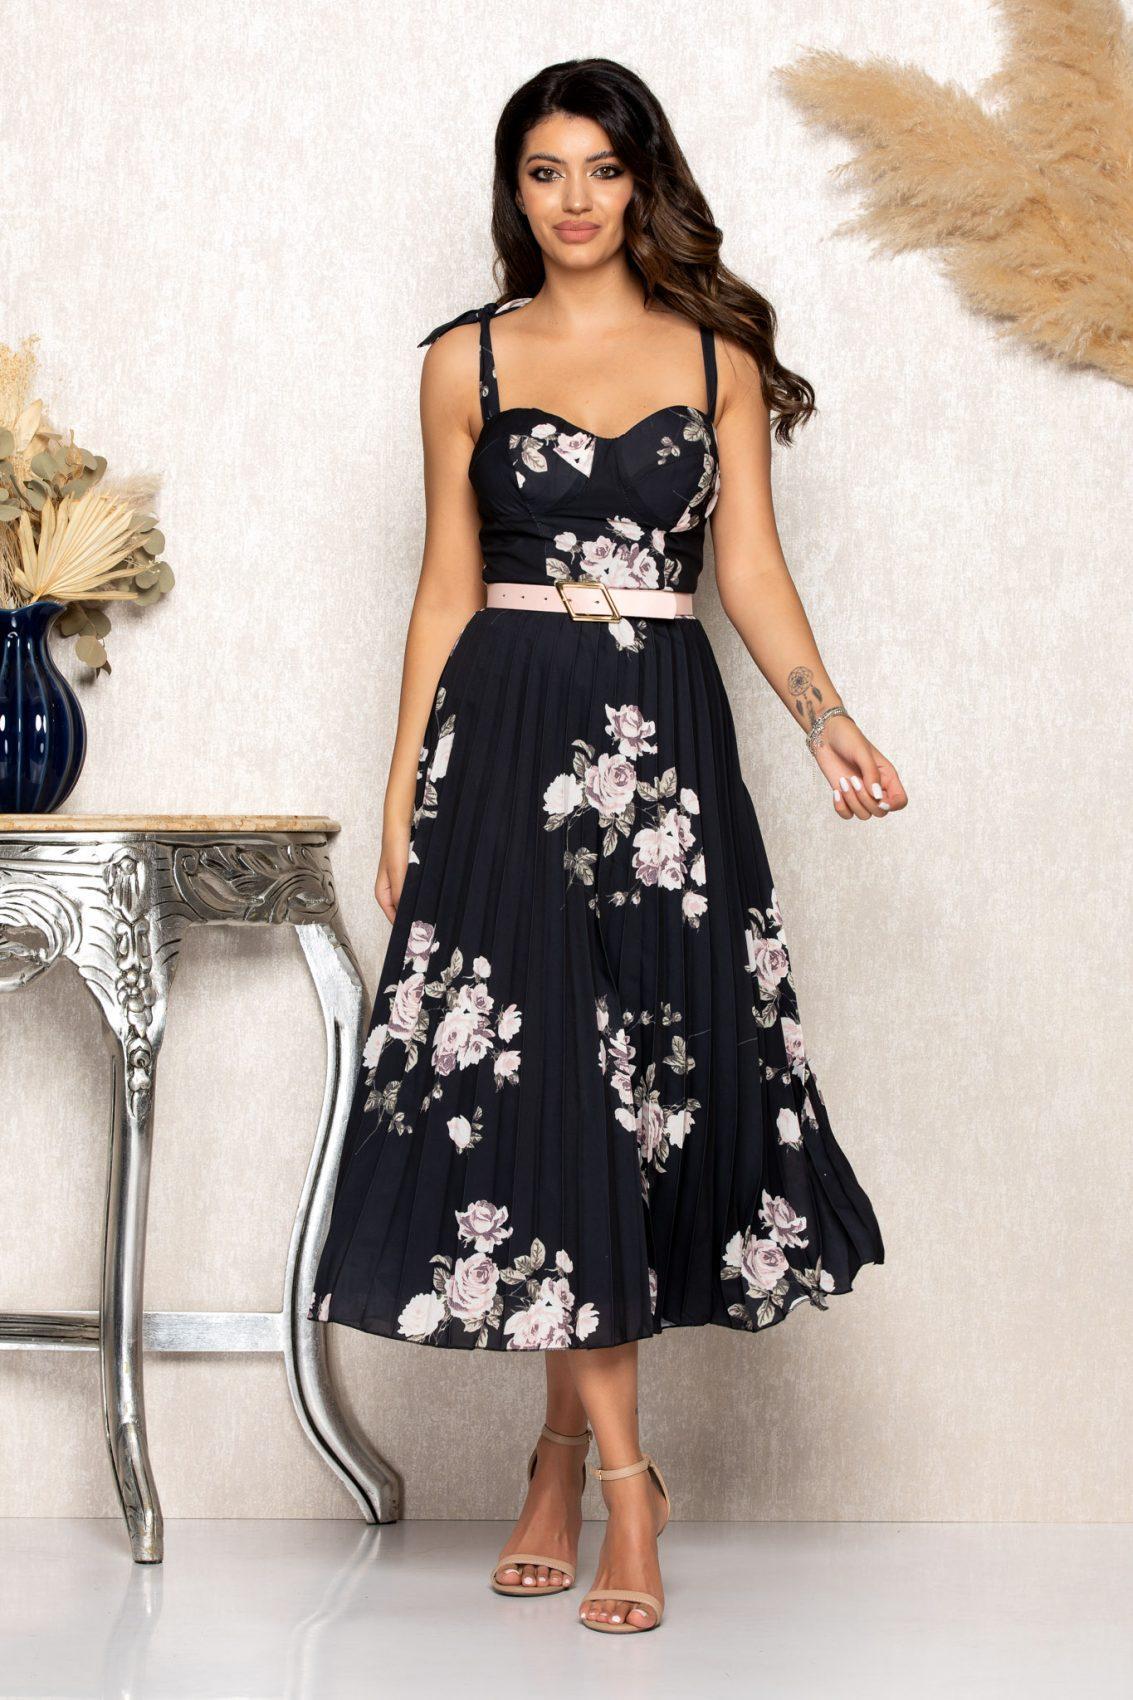 Μαύρο Φλοράλ Μίντι Φόρεμα Με Τιράντες Paloma B121 1